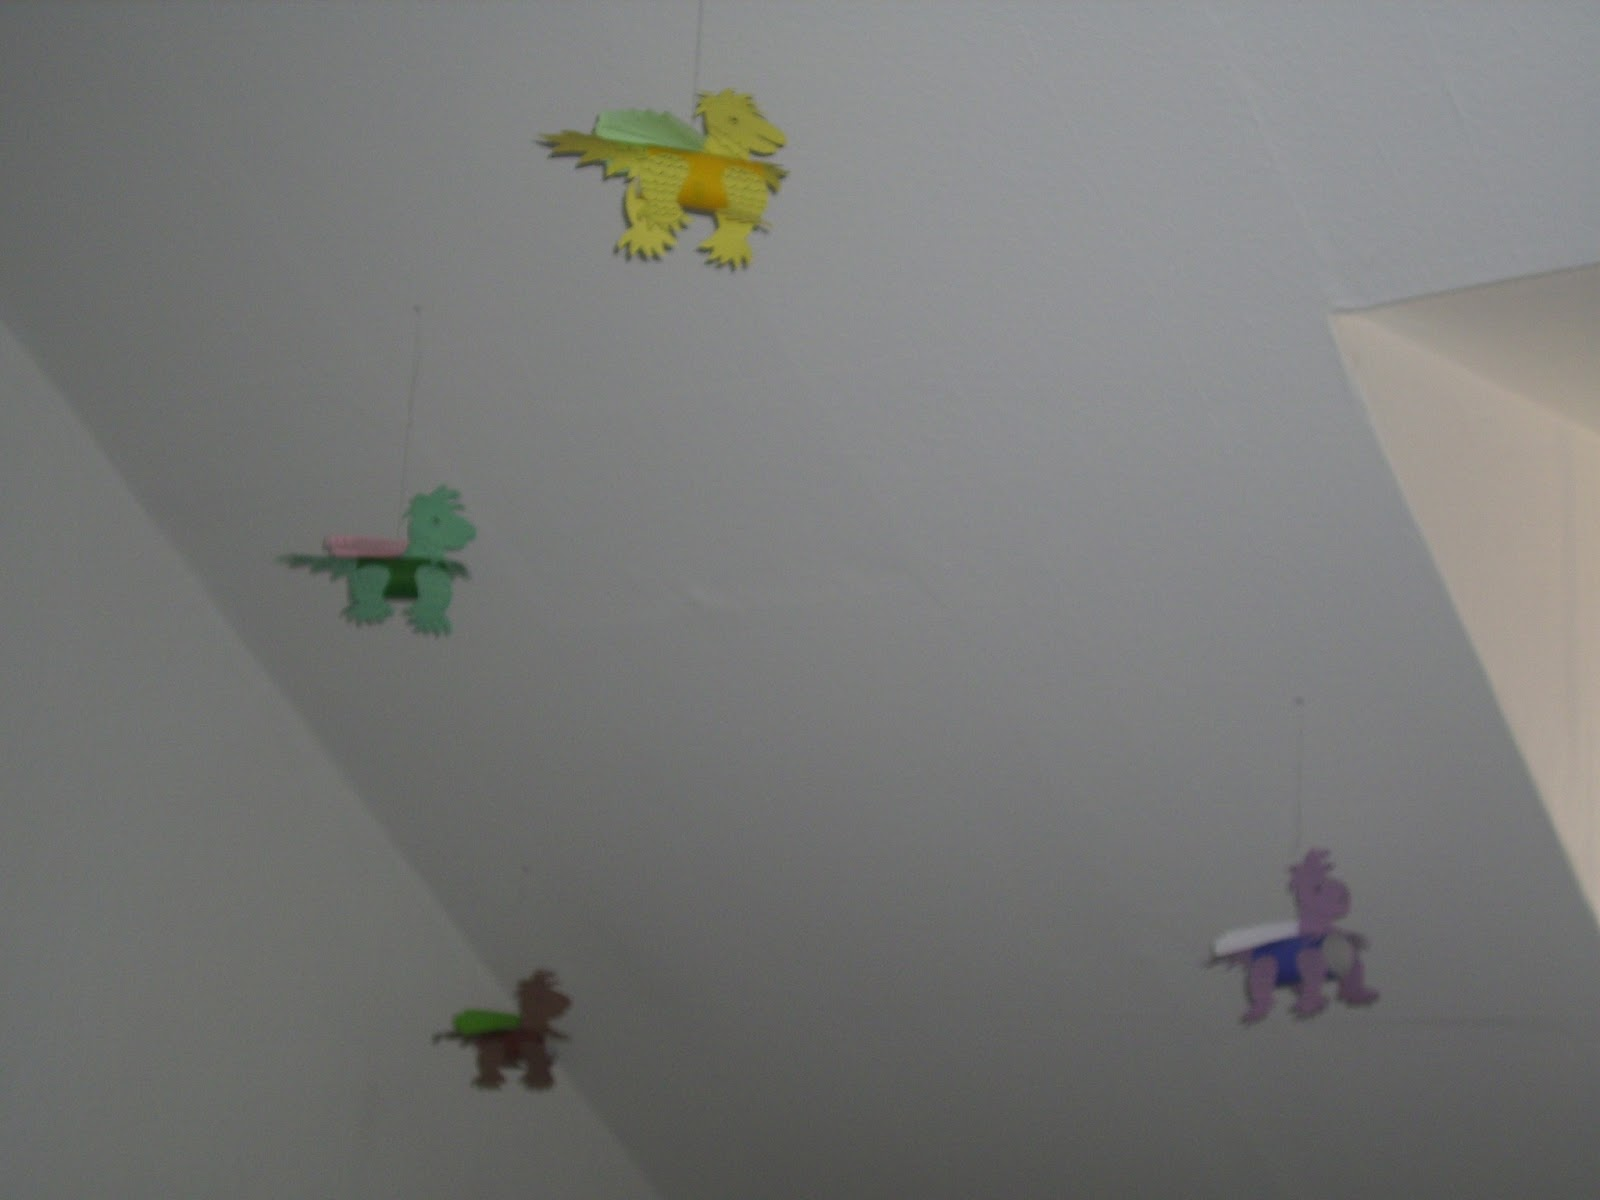 Vielfalt-Oma erzählt: Wanddeko aus Tonpapier fürs Kinderzimmer